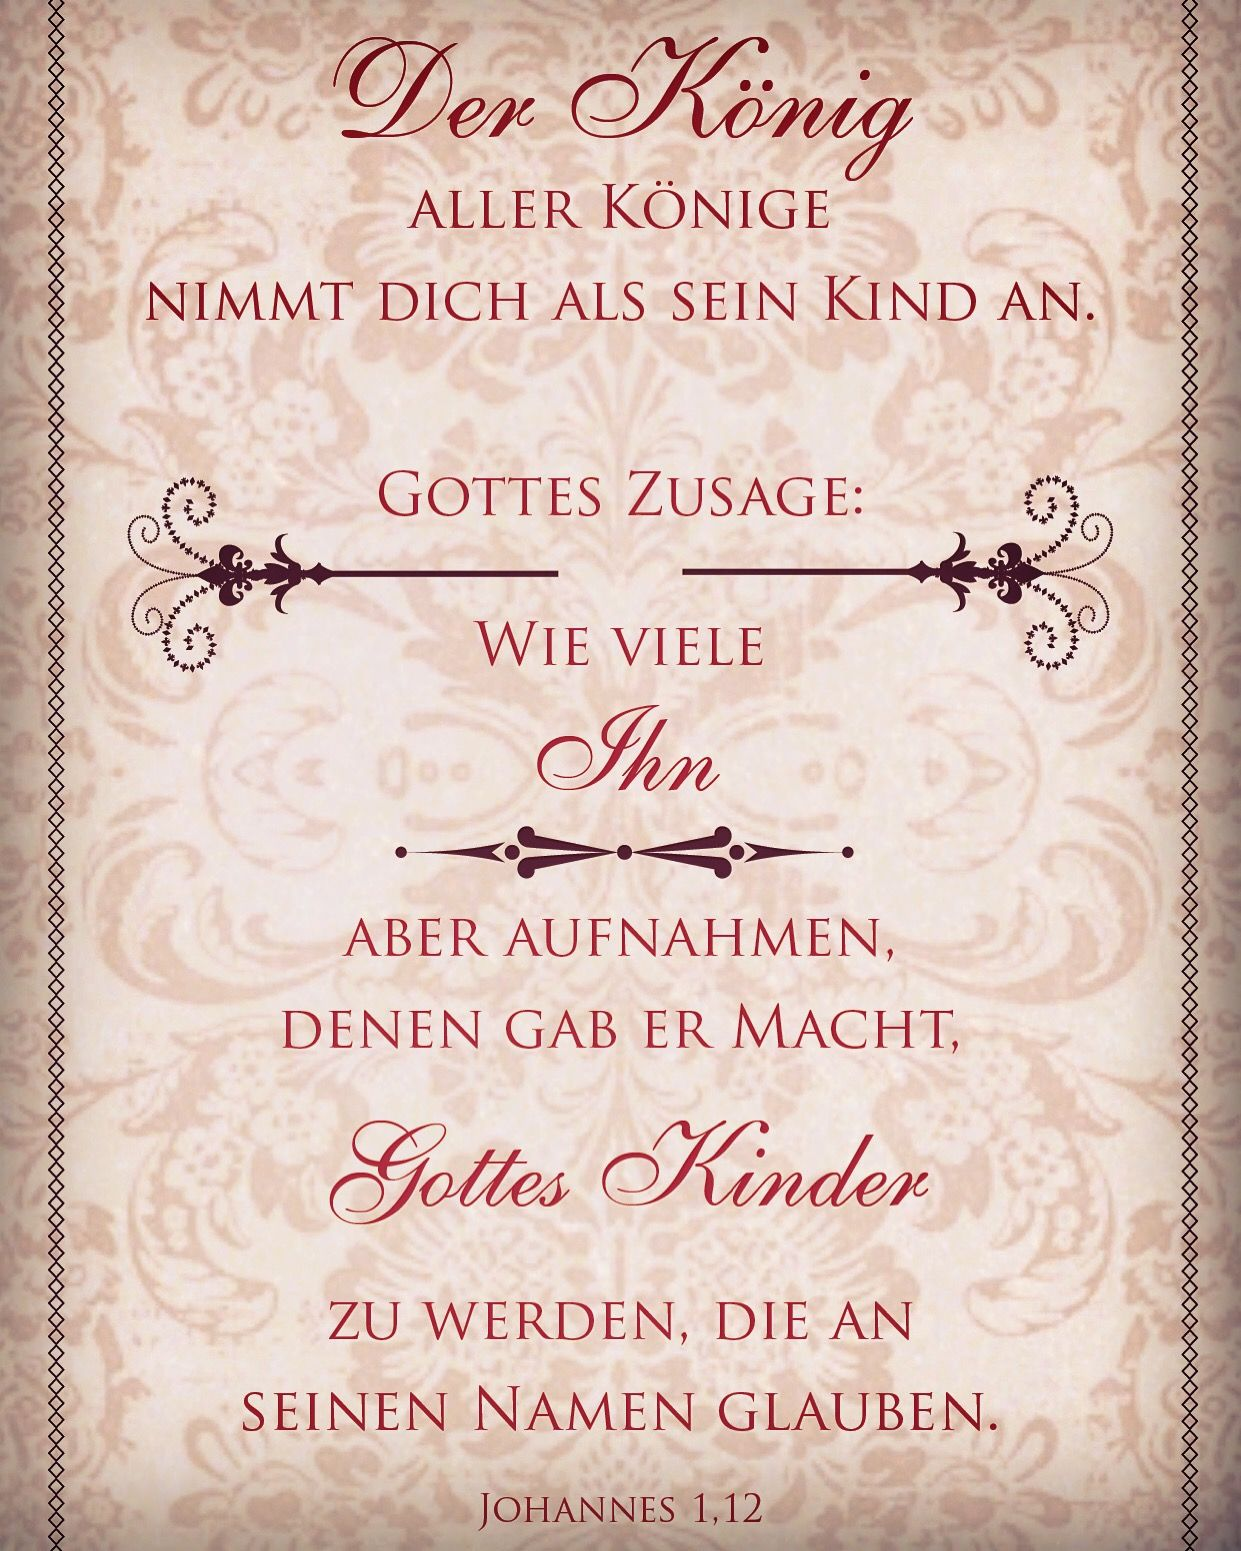 Christliche Spruche Zur Hochzeit